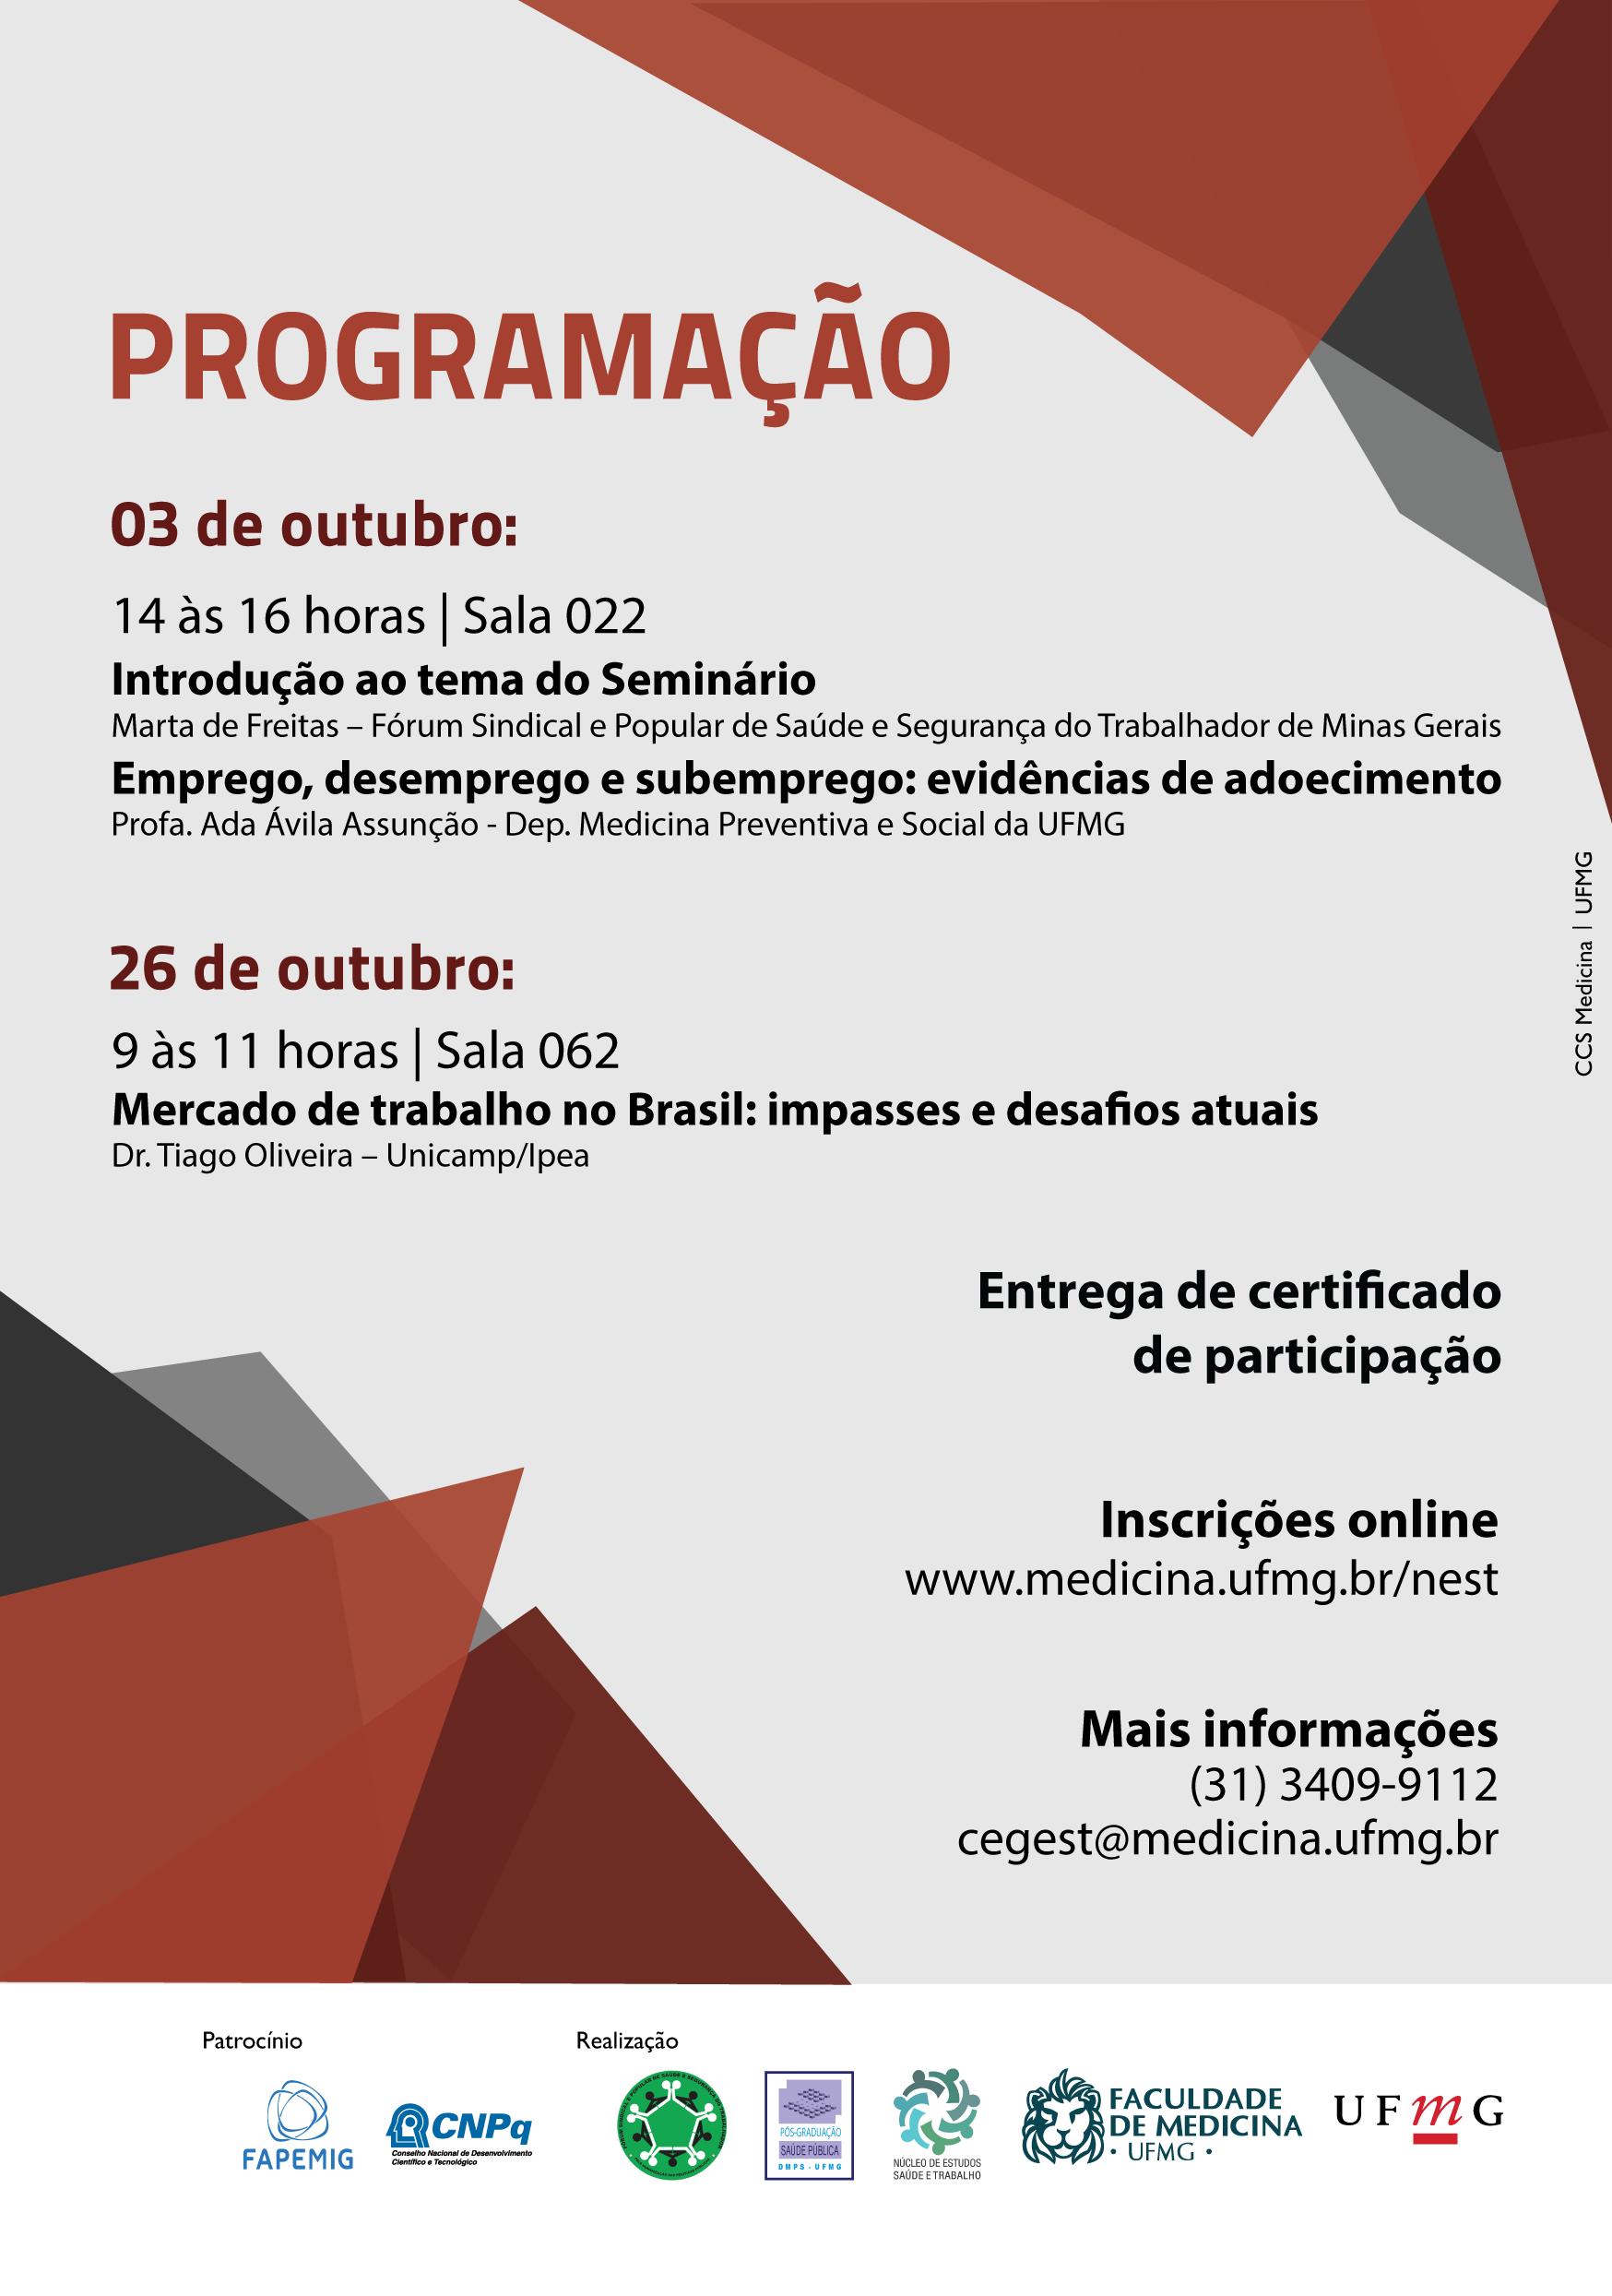 Programação: 03 de outubro 14 às 16 horas (seminário aberto) Emprego, desemprego e subemprego: evidências de adoecimento Profa Ada Ávila Assunção (Dep. Medicina Preventiva e Social- FM/UFMG) 26 de outubro 9 às 11 horas (seminário aberto) Mercado de trabalho no Brasil: impasses e desafios atuais Dr. Tiago Oliveira – Unicamp/Ipea